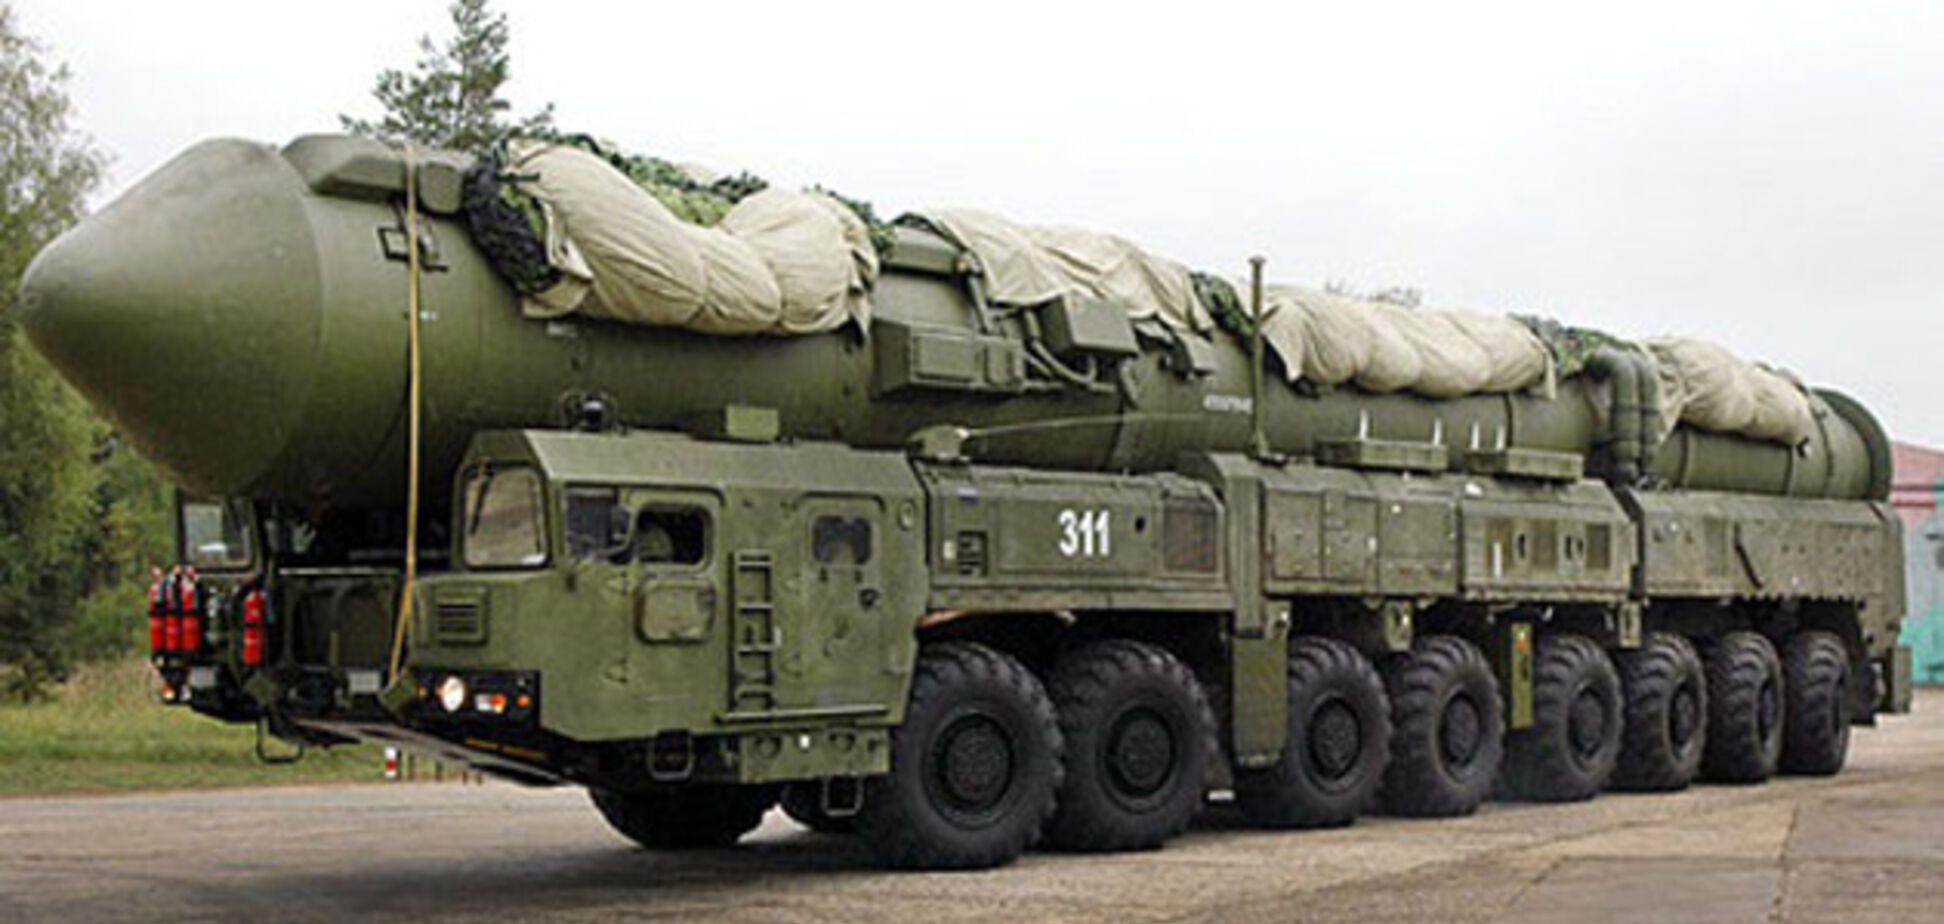 'Войны было не избежать': украинцам припомнили отказ от 'ядерного щита' в угоду Москве